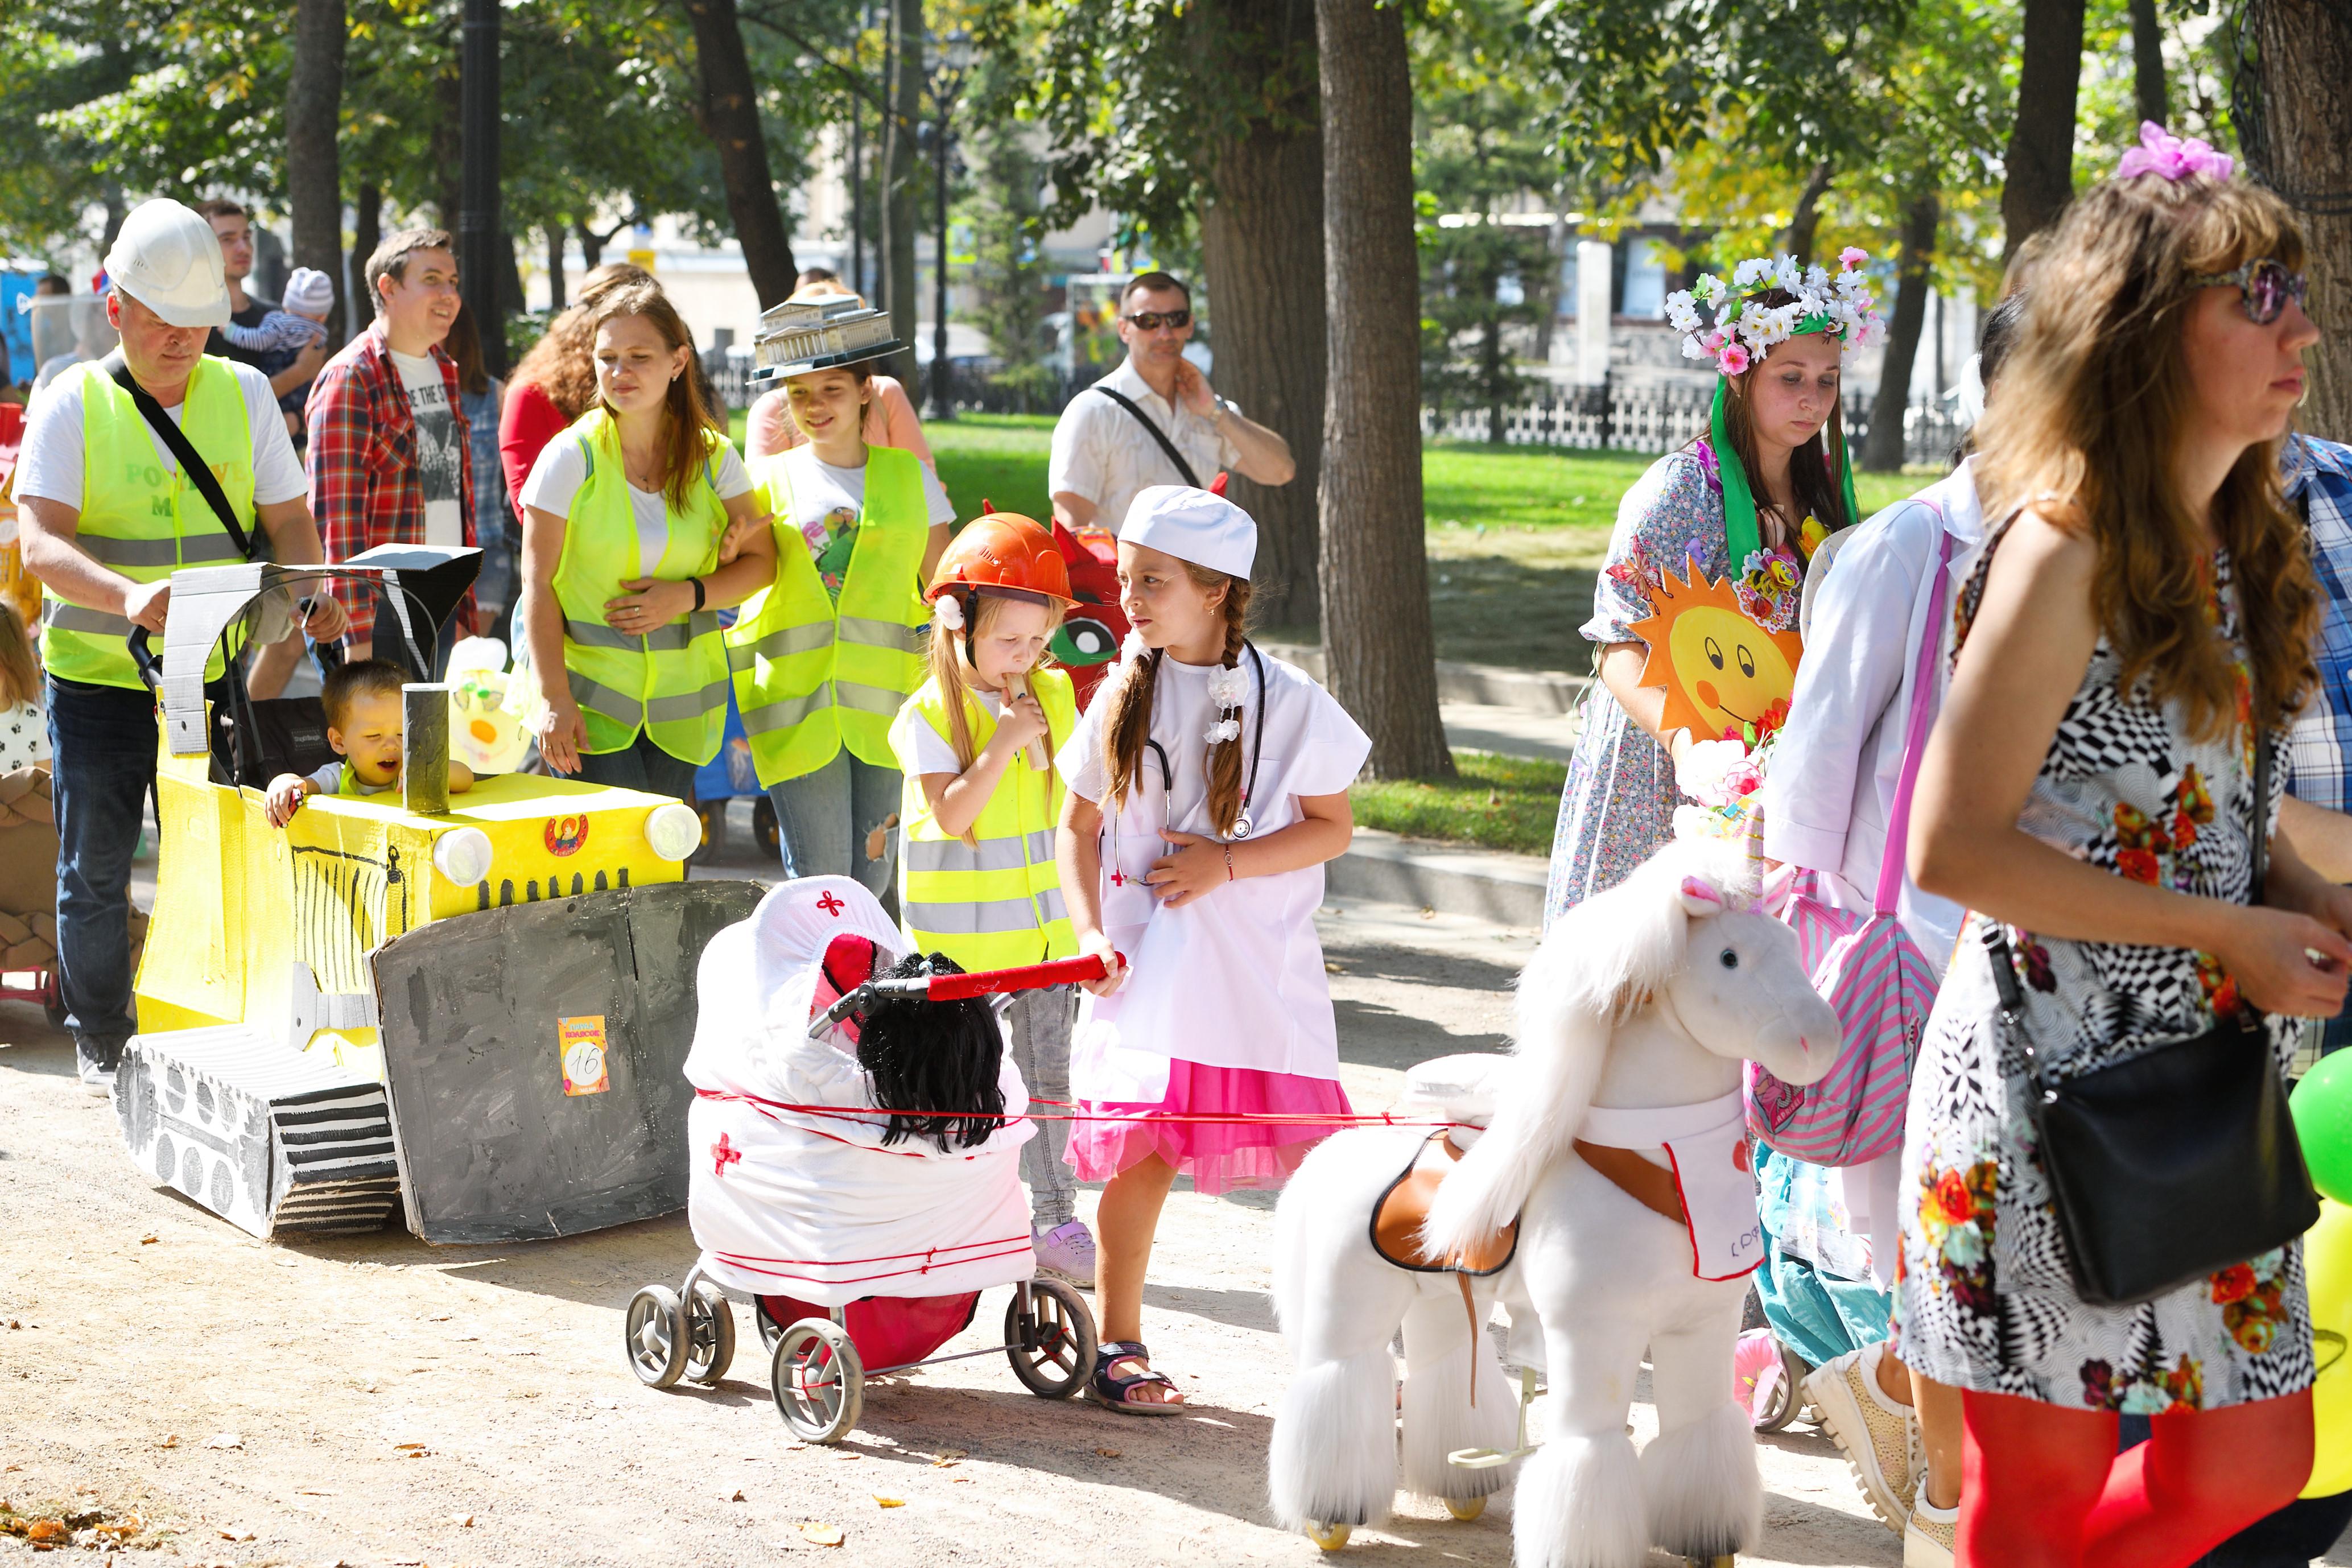 парад колясок цыпленок фото панфилов студенческие